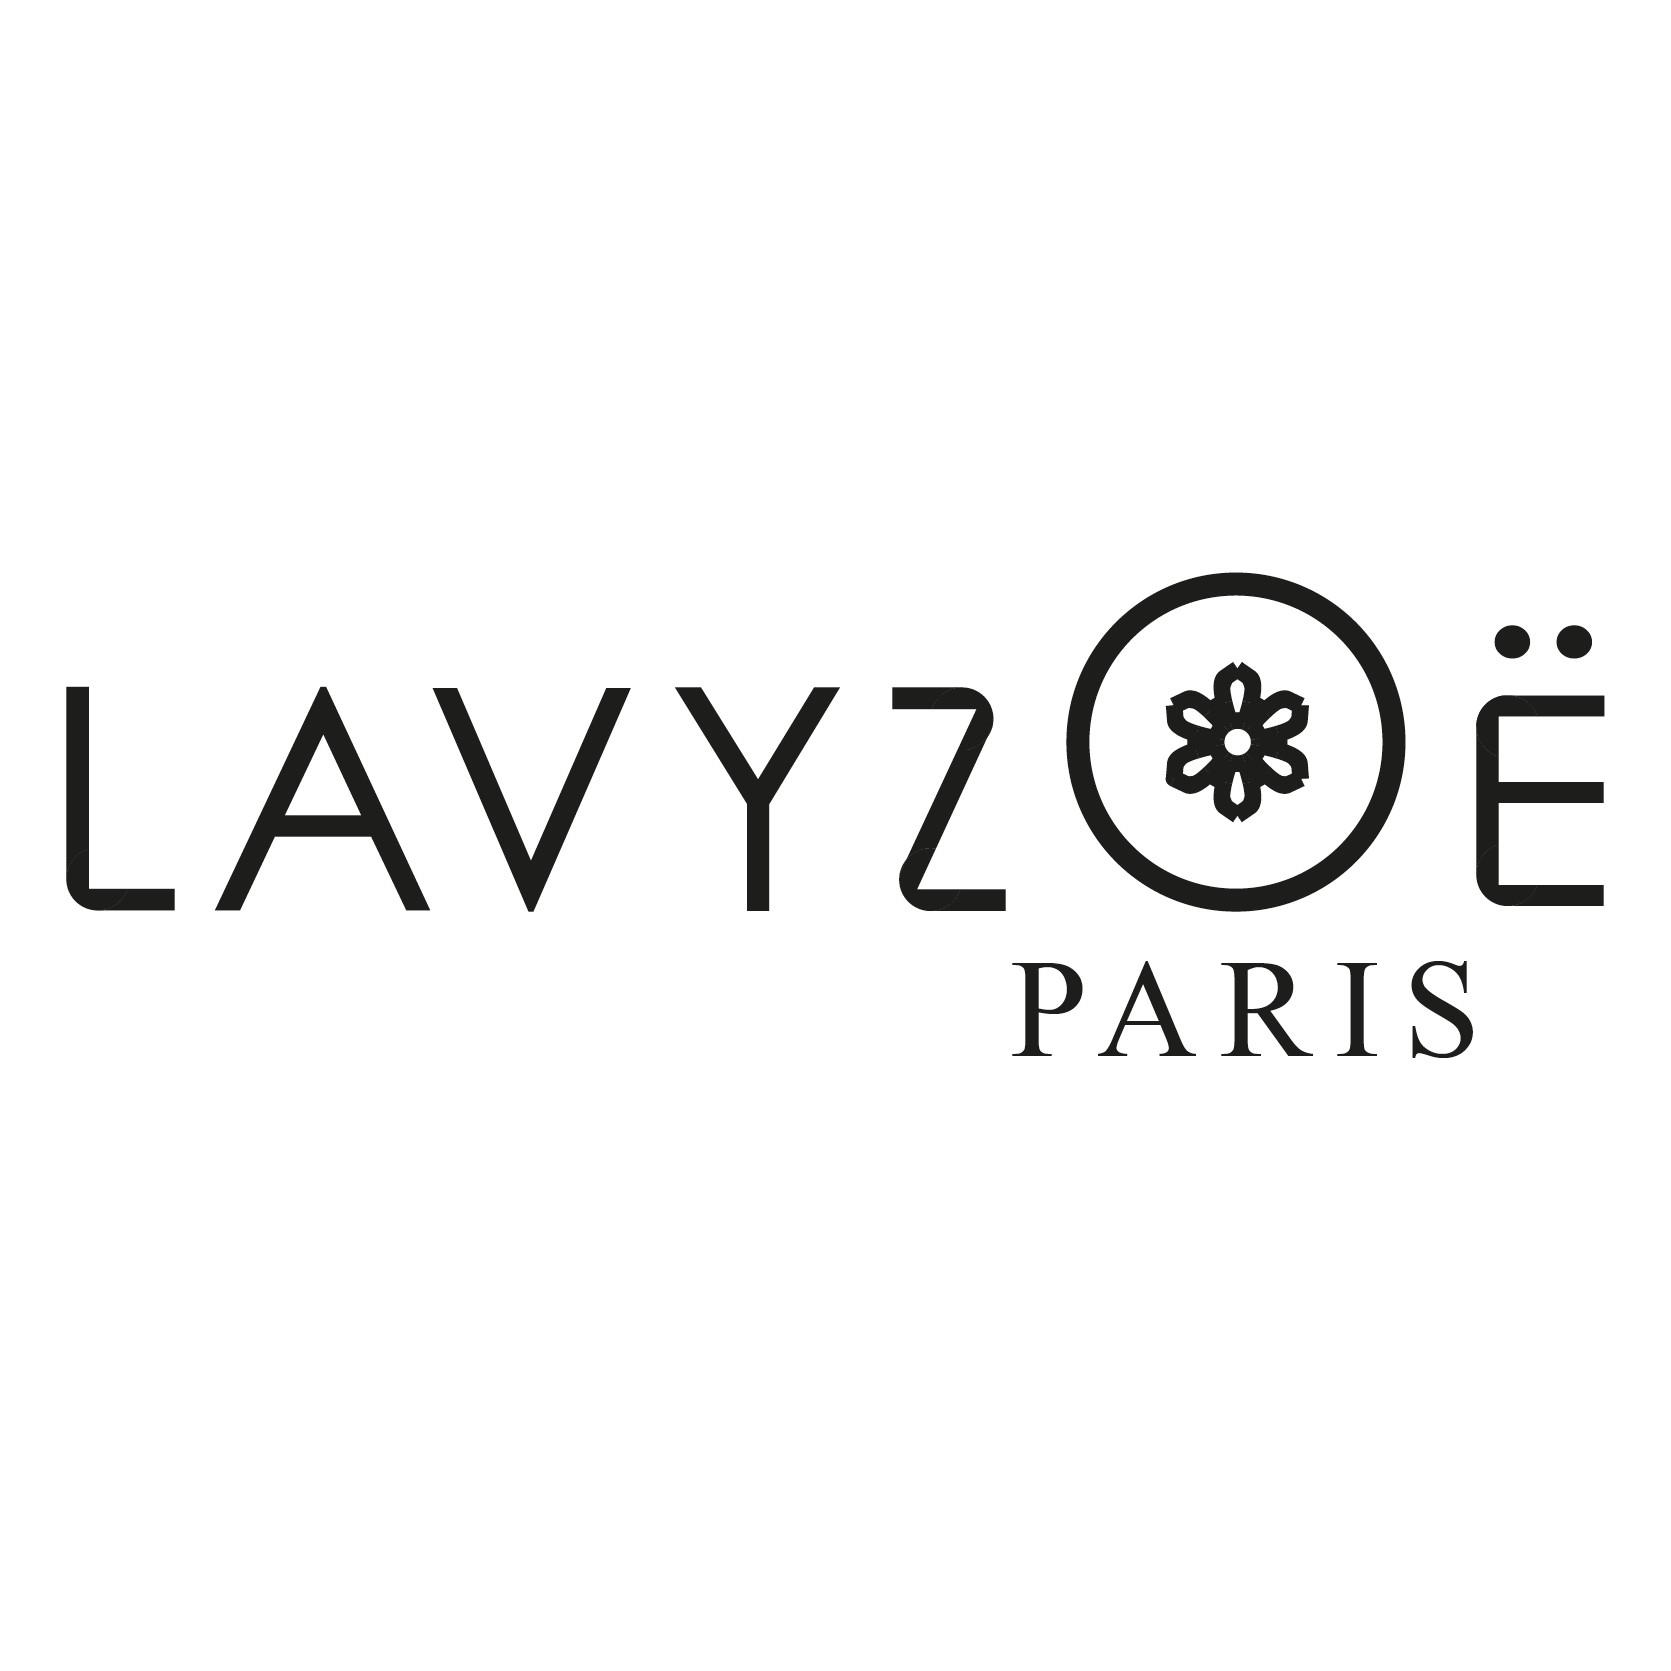 Lavyzoe